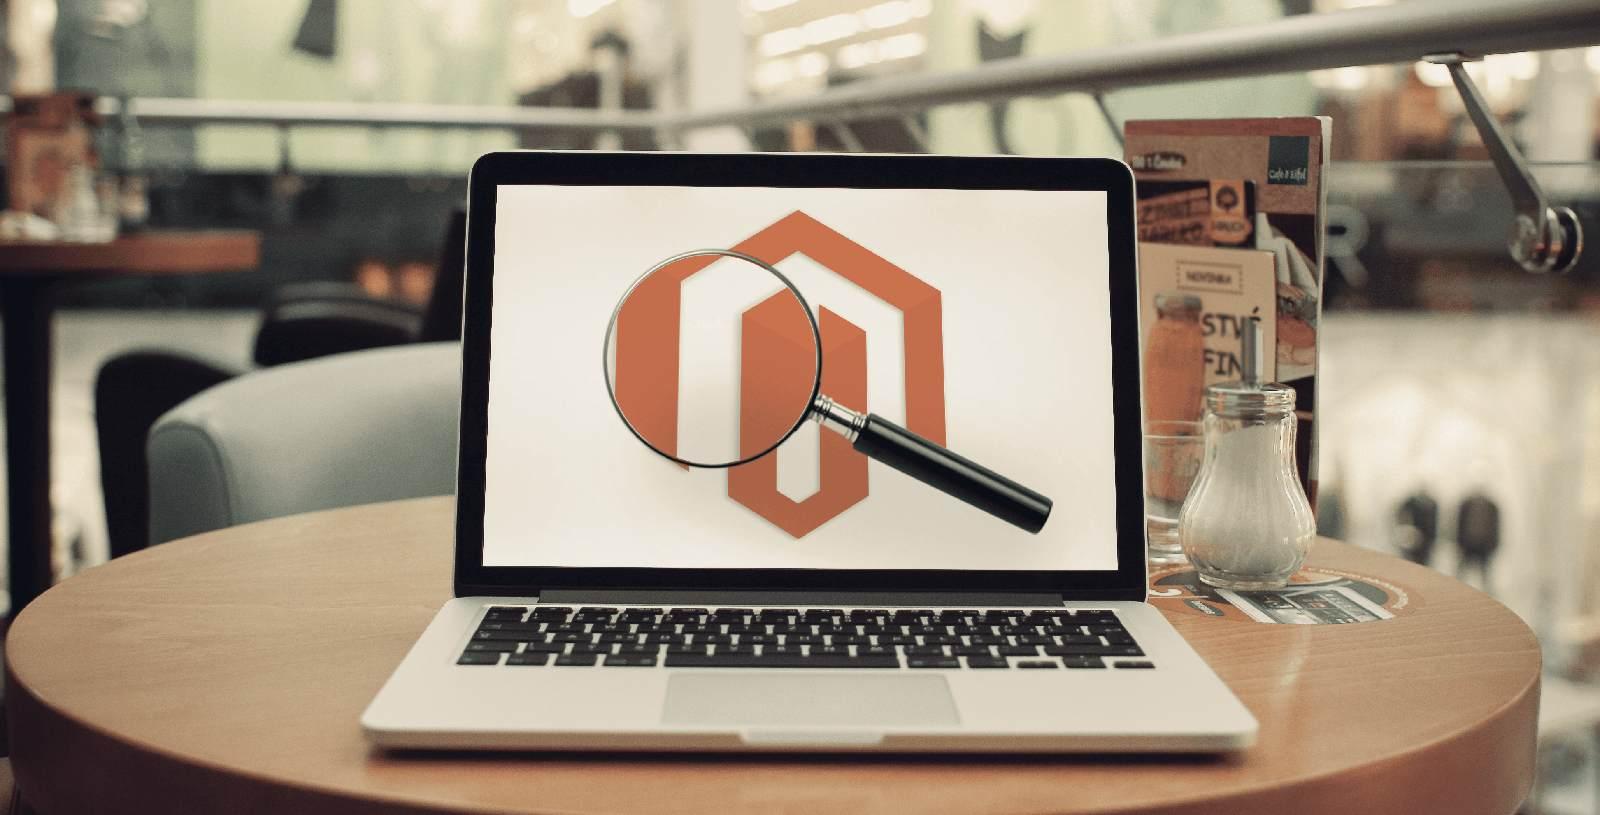 Imagem de tela de computador com 3 dicas práticas de SEO sendo aplicadas ao Magento.